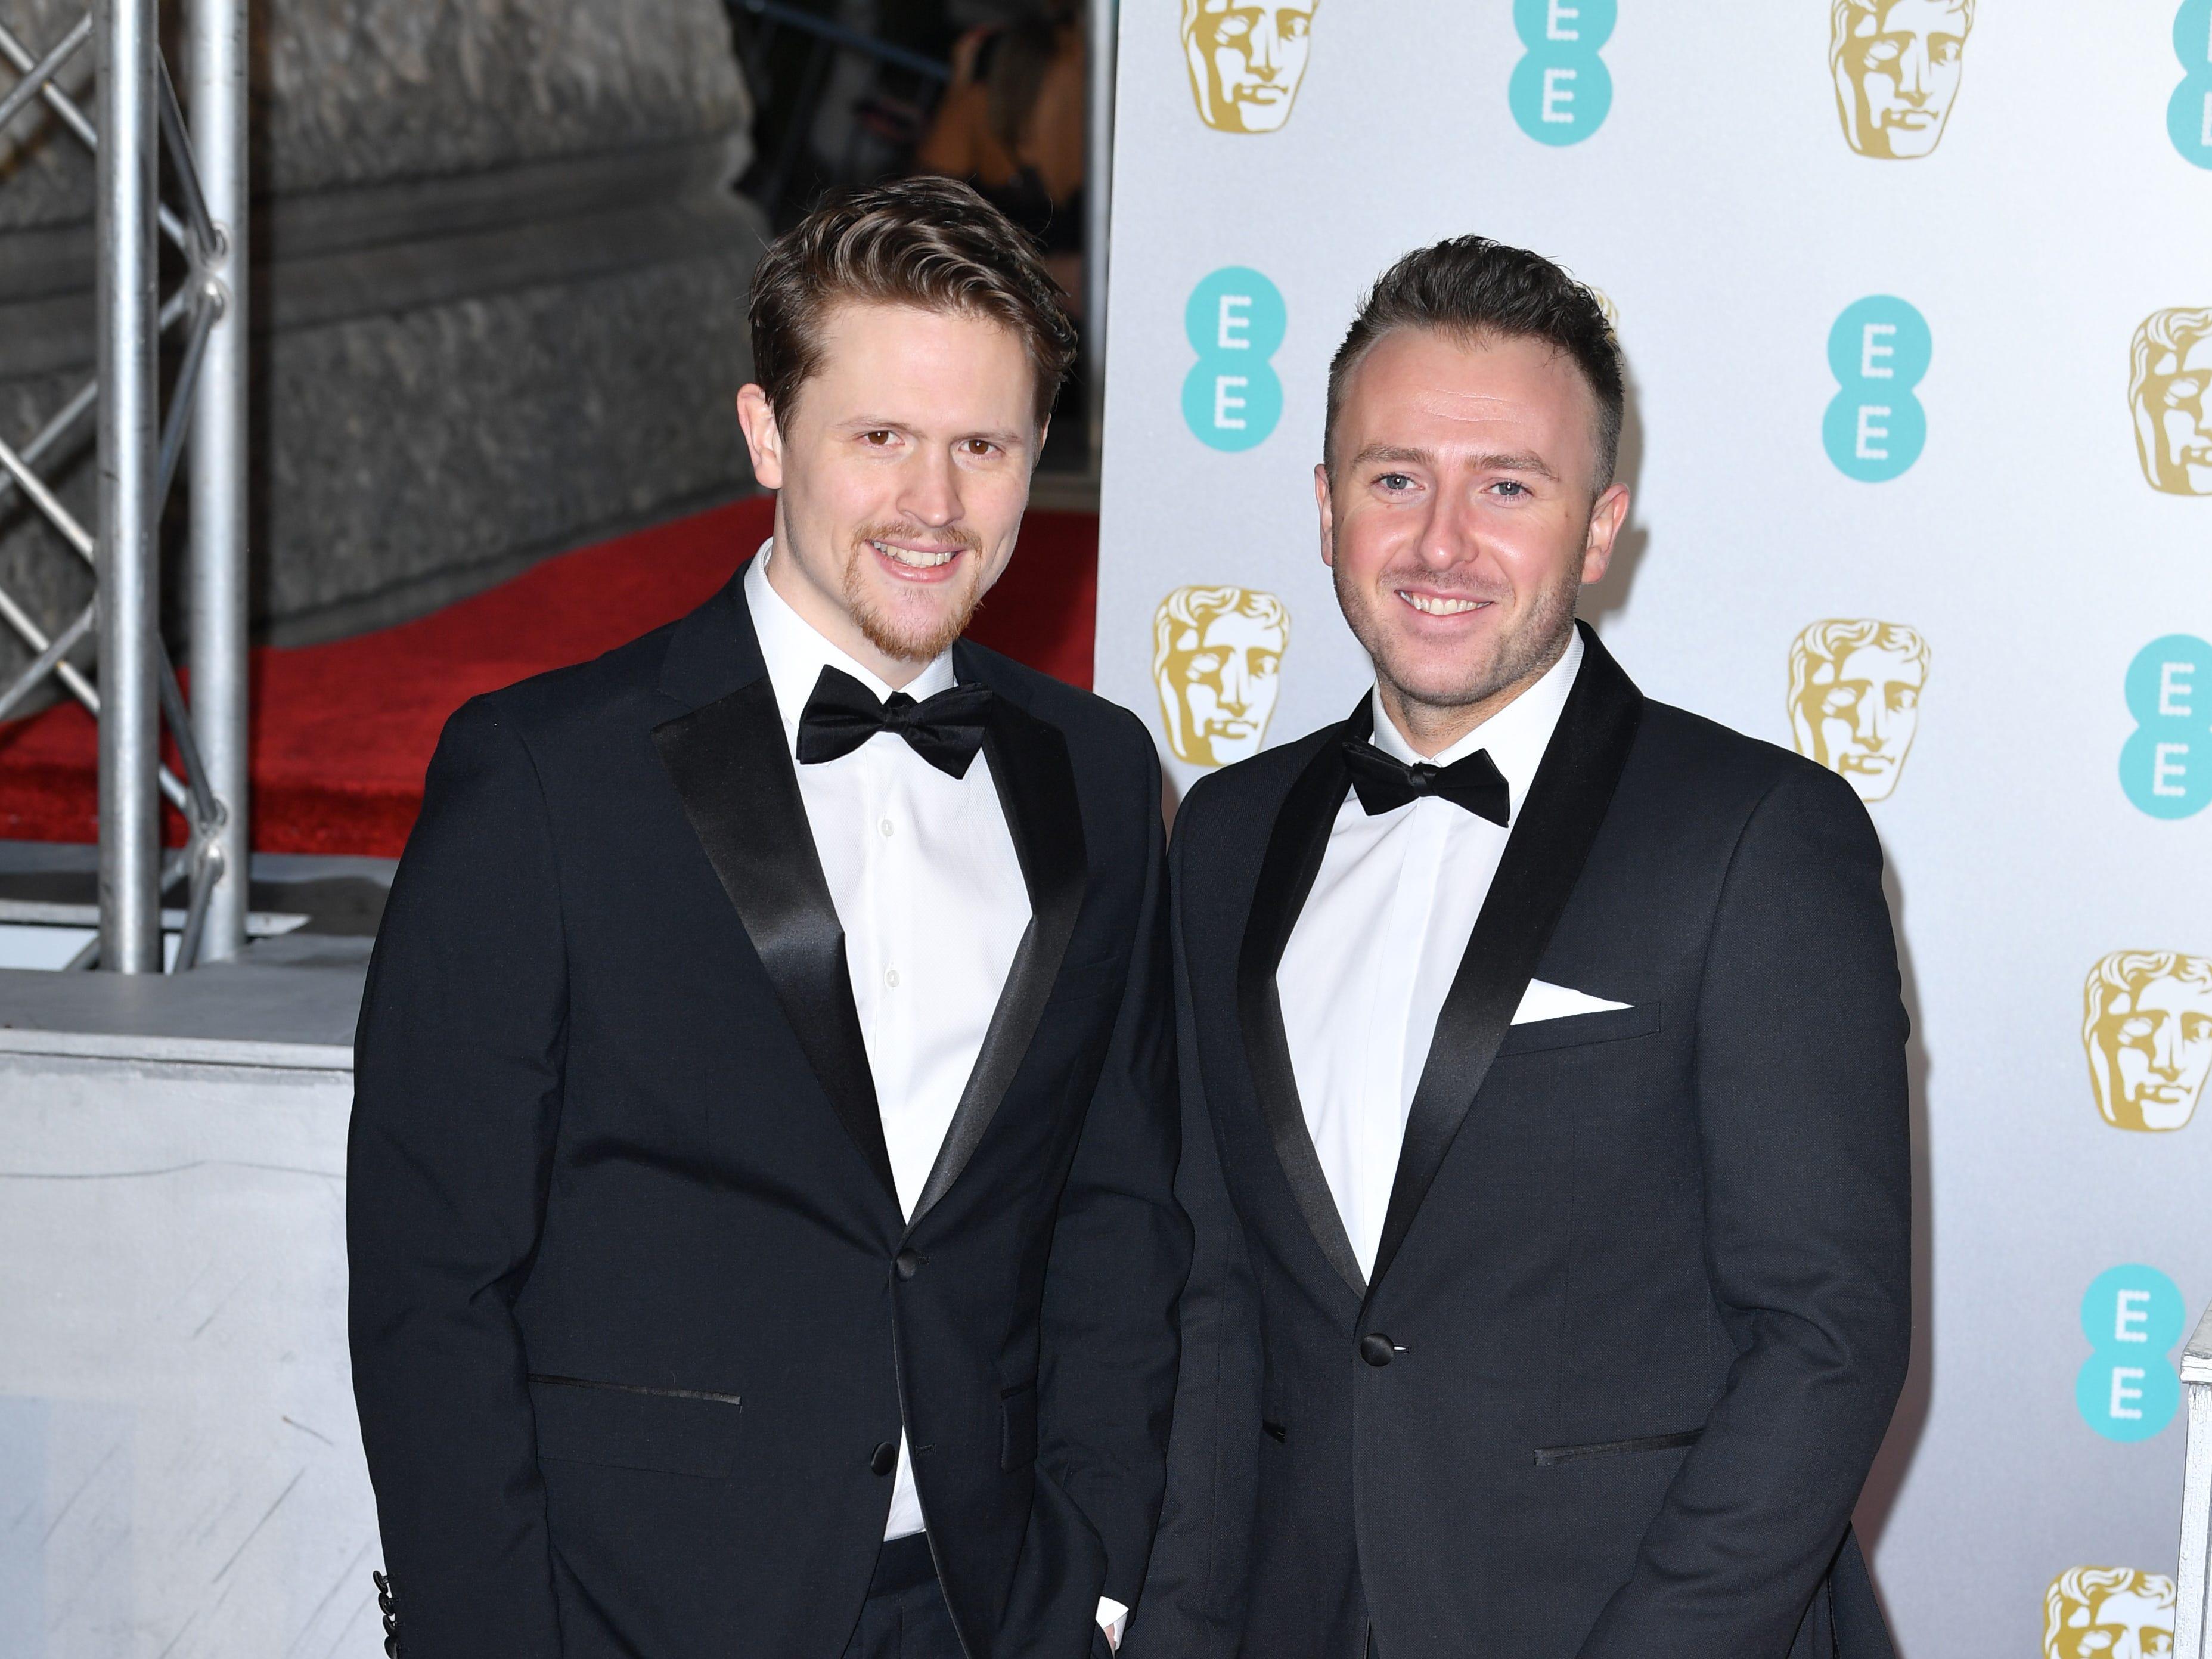 El director Alex Lockwood y Oliver Walton a su llegada a la alfombra roja de los Premios de la Academia Británica de Cine BAFTA en el Royal Albert Hall en Londres el 10 de febrero de 2019.